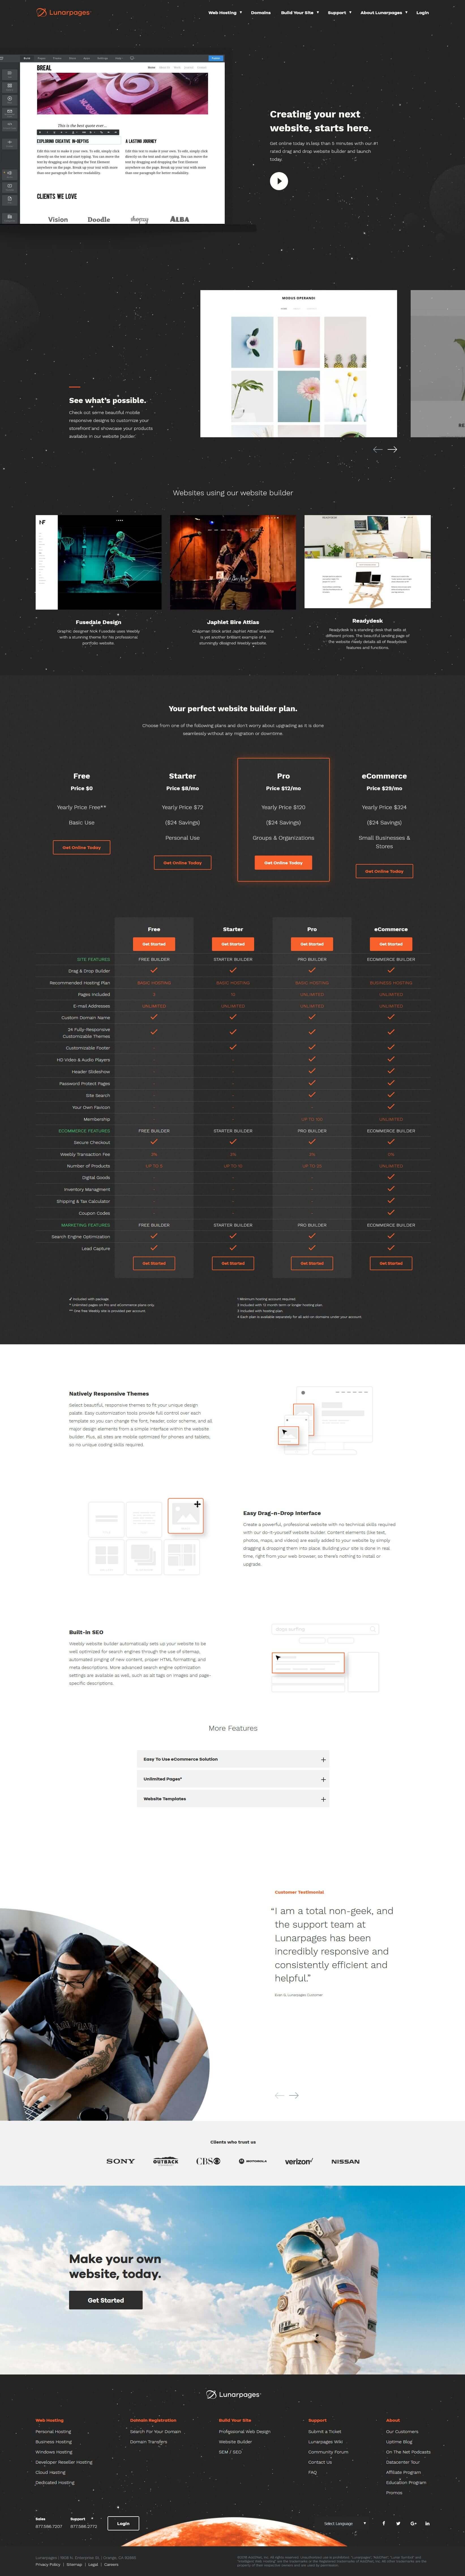 Lunarpages Internet Solutions Demo - website-builder.jpg